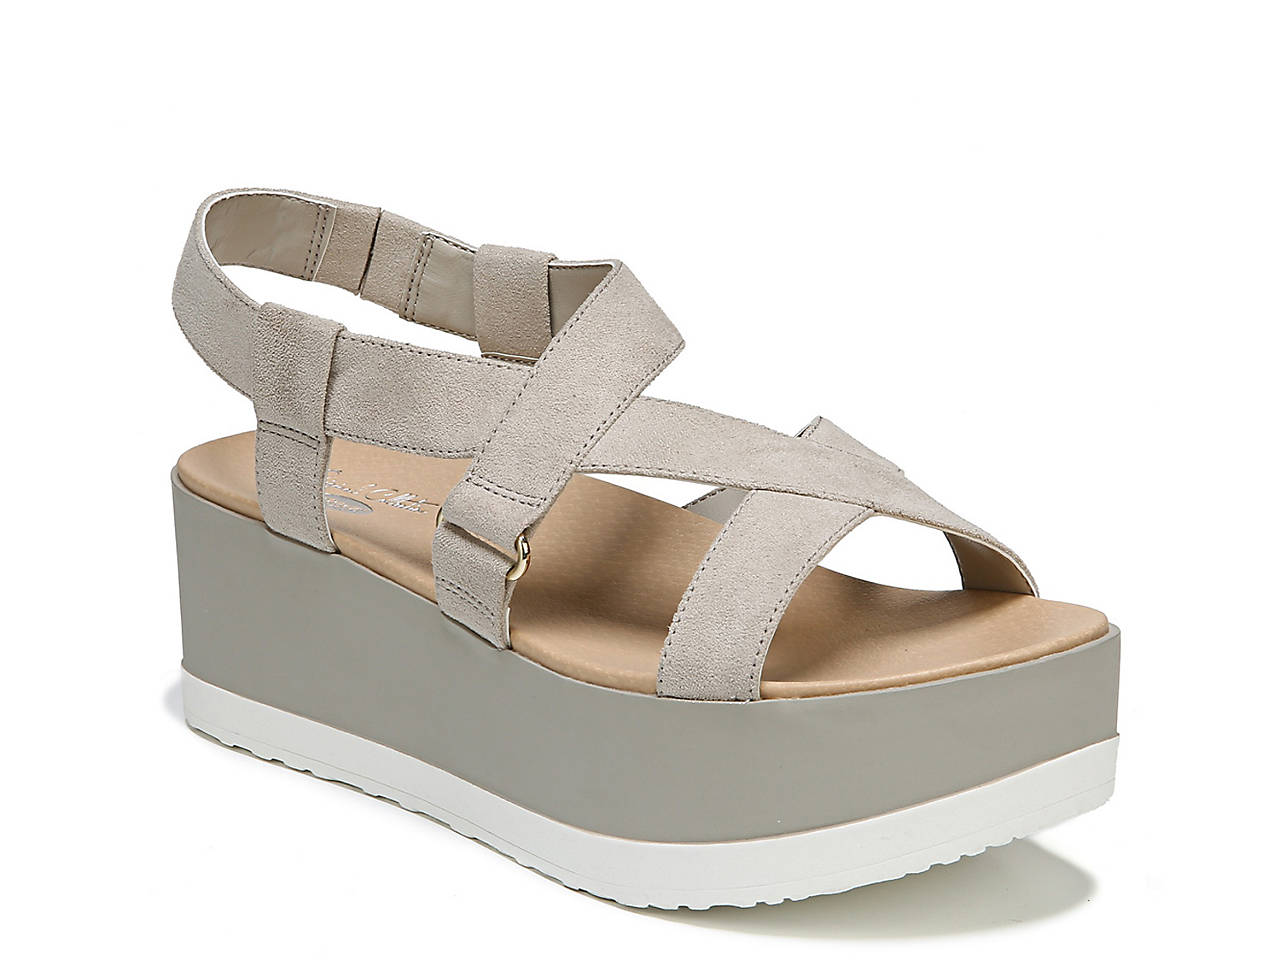 04e6ab09be1d Dr. Scholl s Companion Platform Sandal Women s Shoes